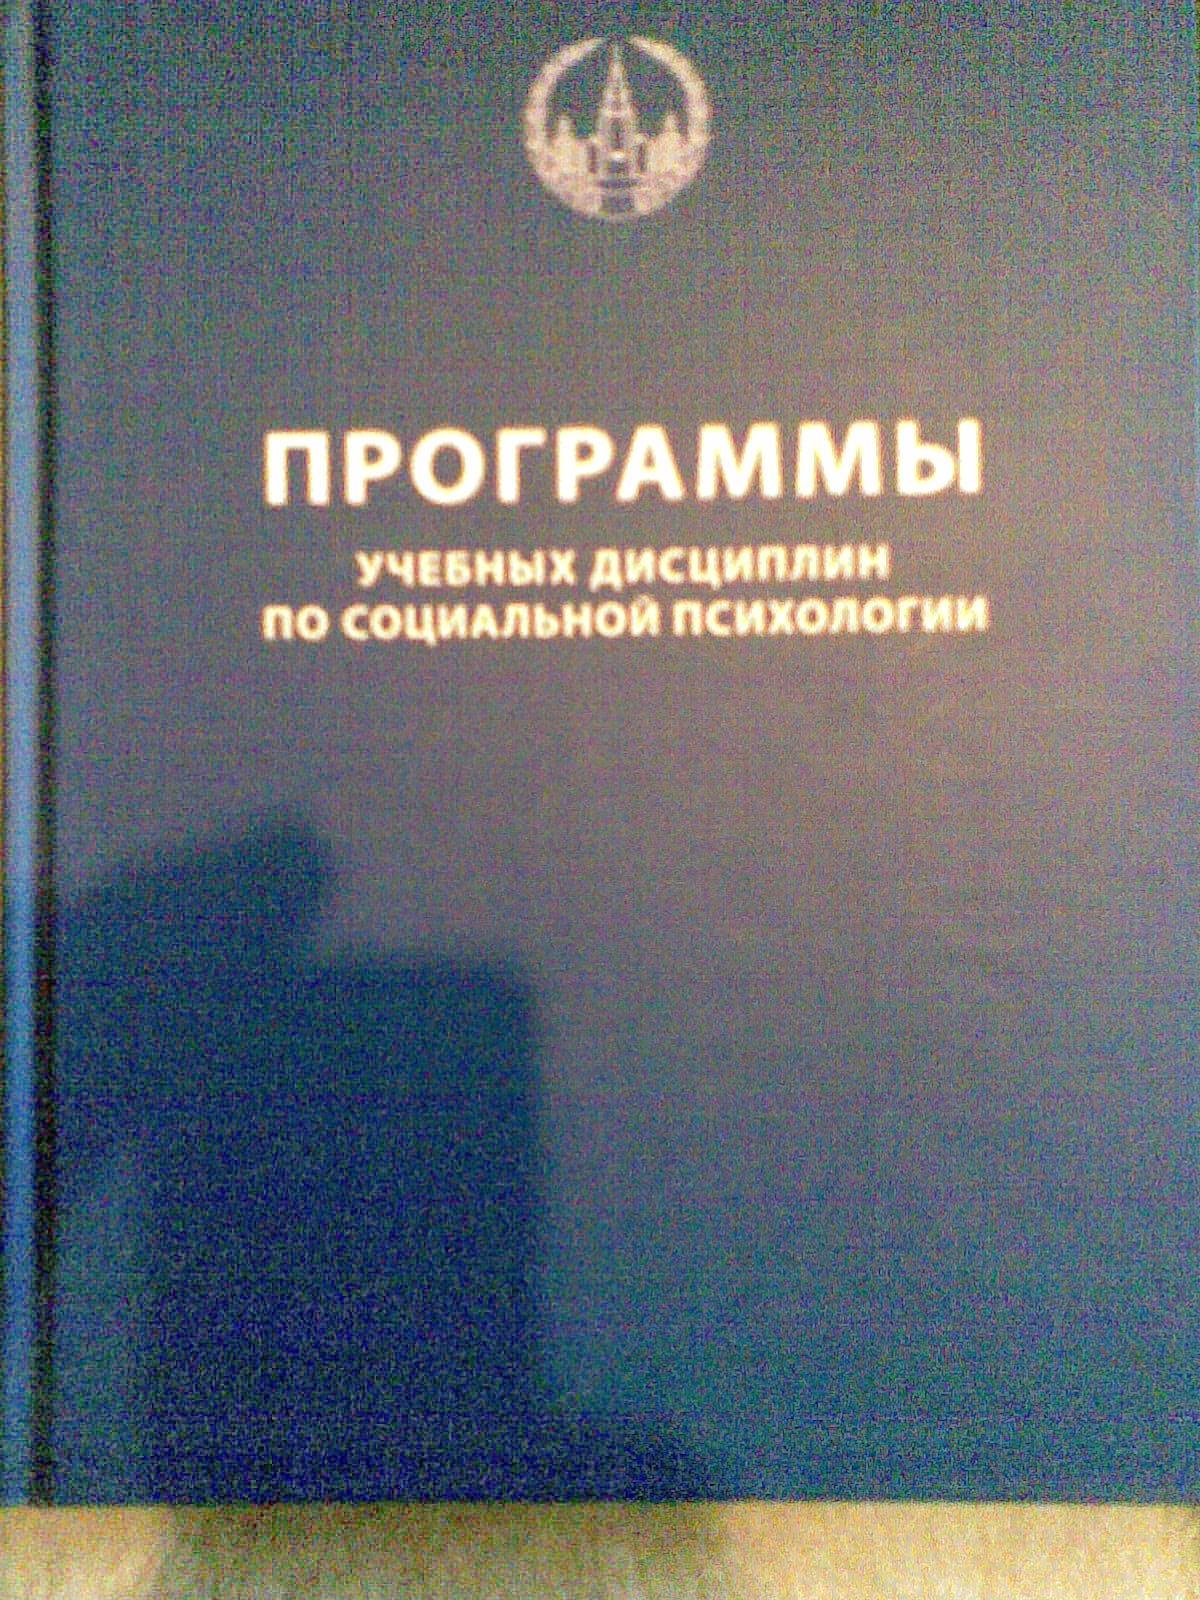 Программы учебных дисциплин по социальной психологии